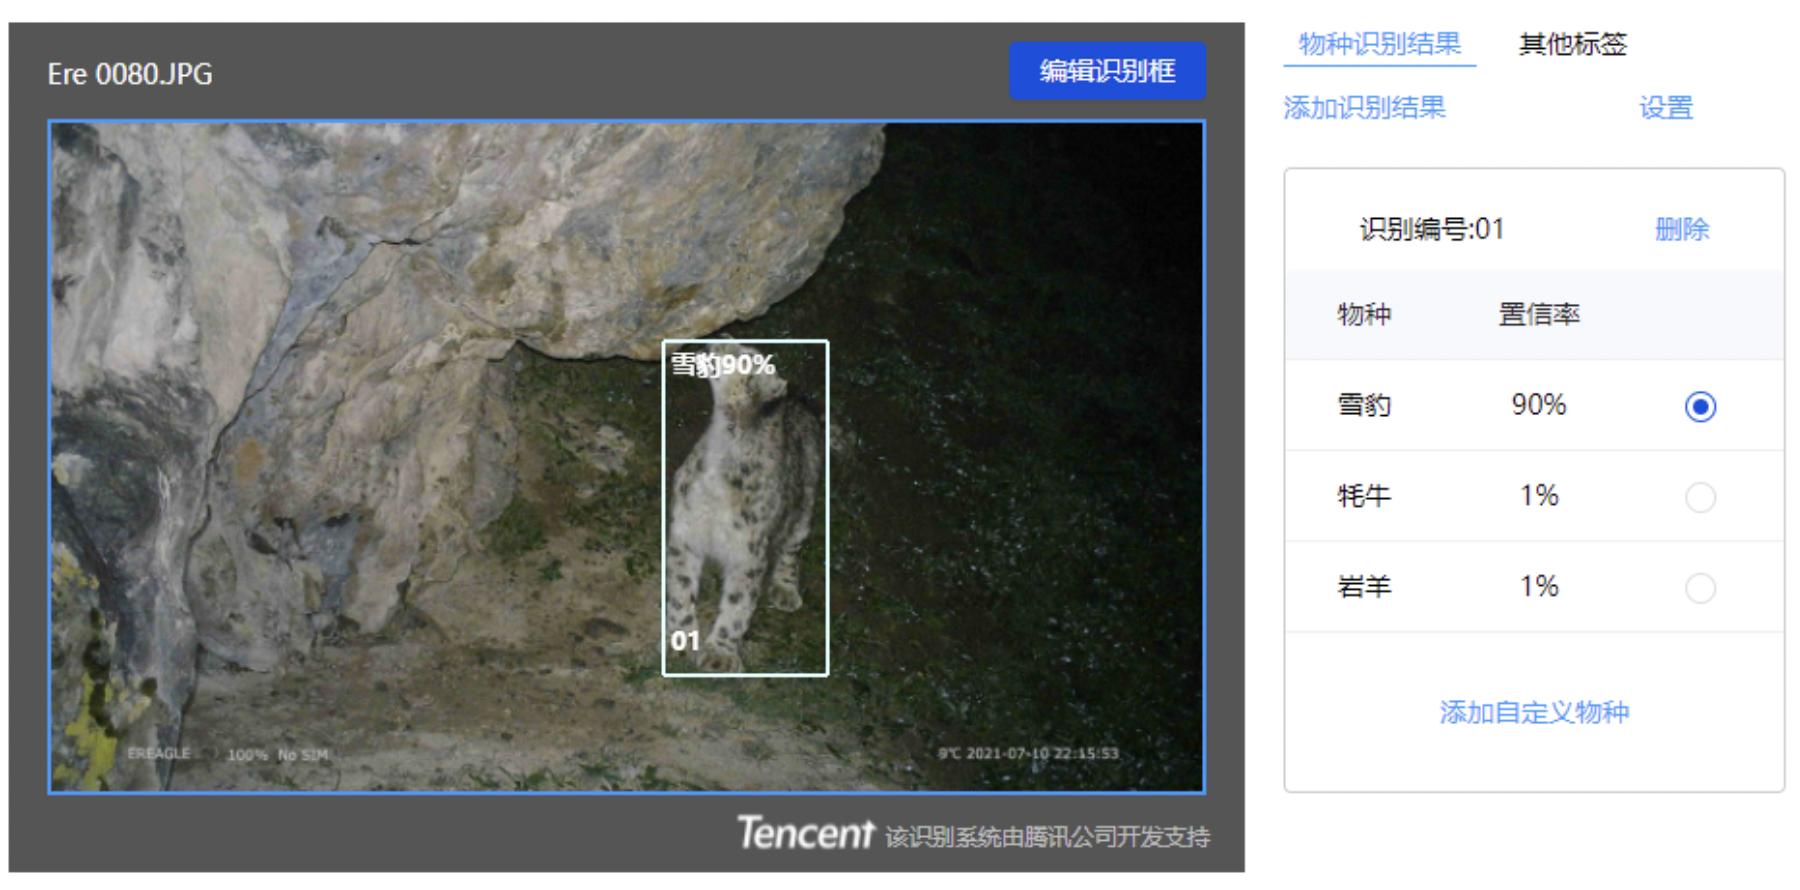 图形用户界面, 网站描述已自动生成